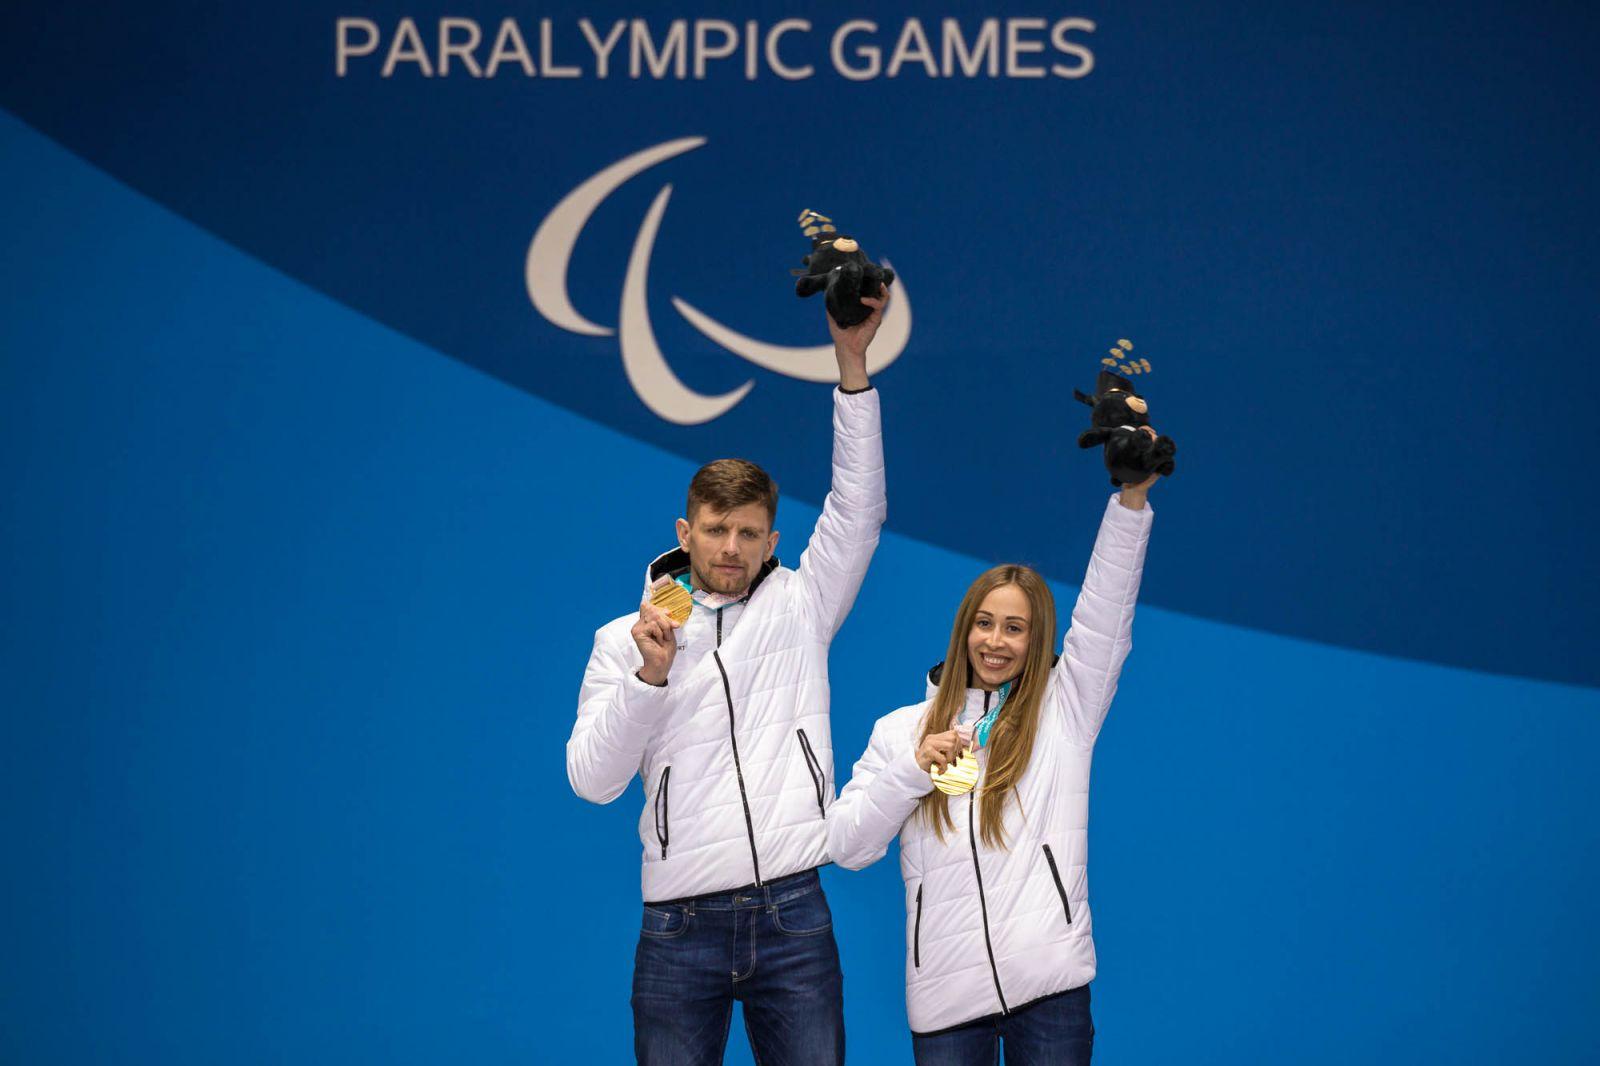 Российские спортсмены заняли 2 общекомандное место на XII Паралимпийских зимних играх 2018 года в г. Пхенчхан